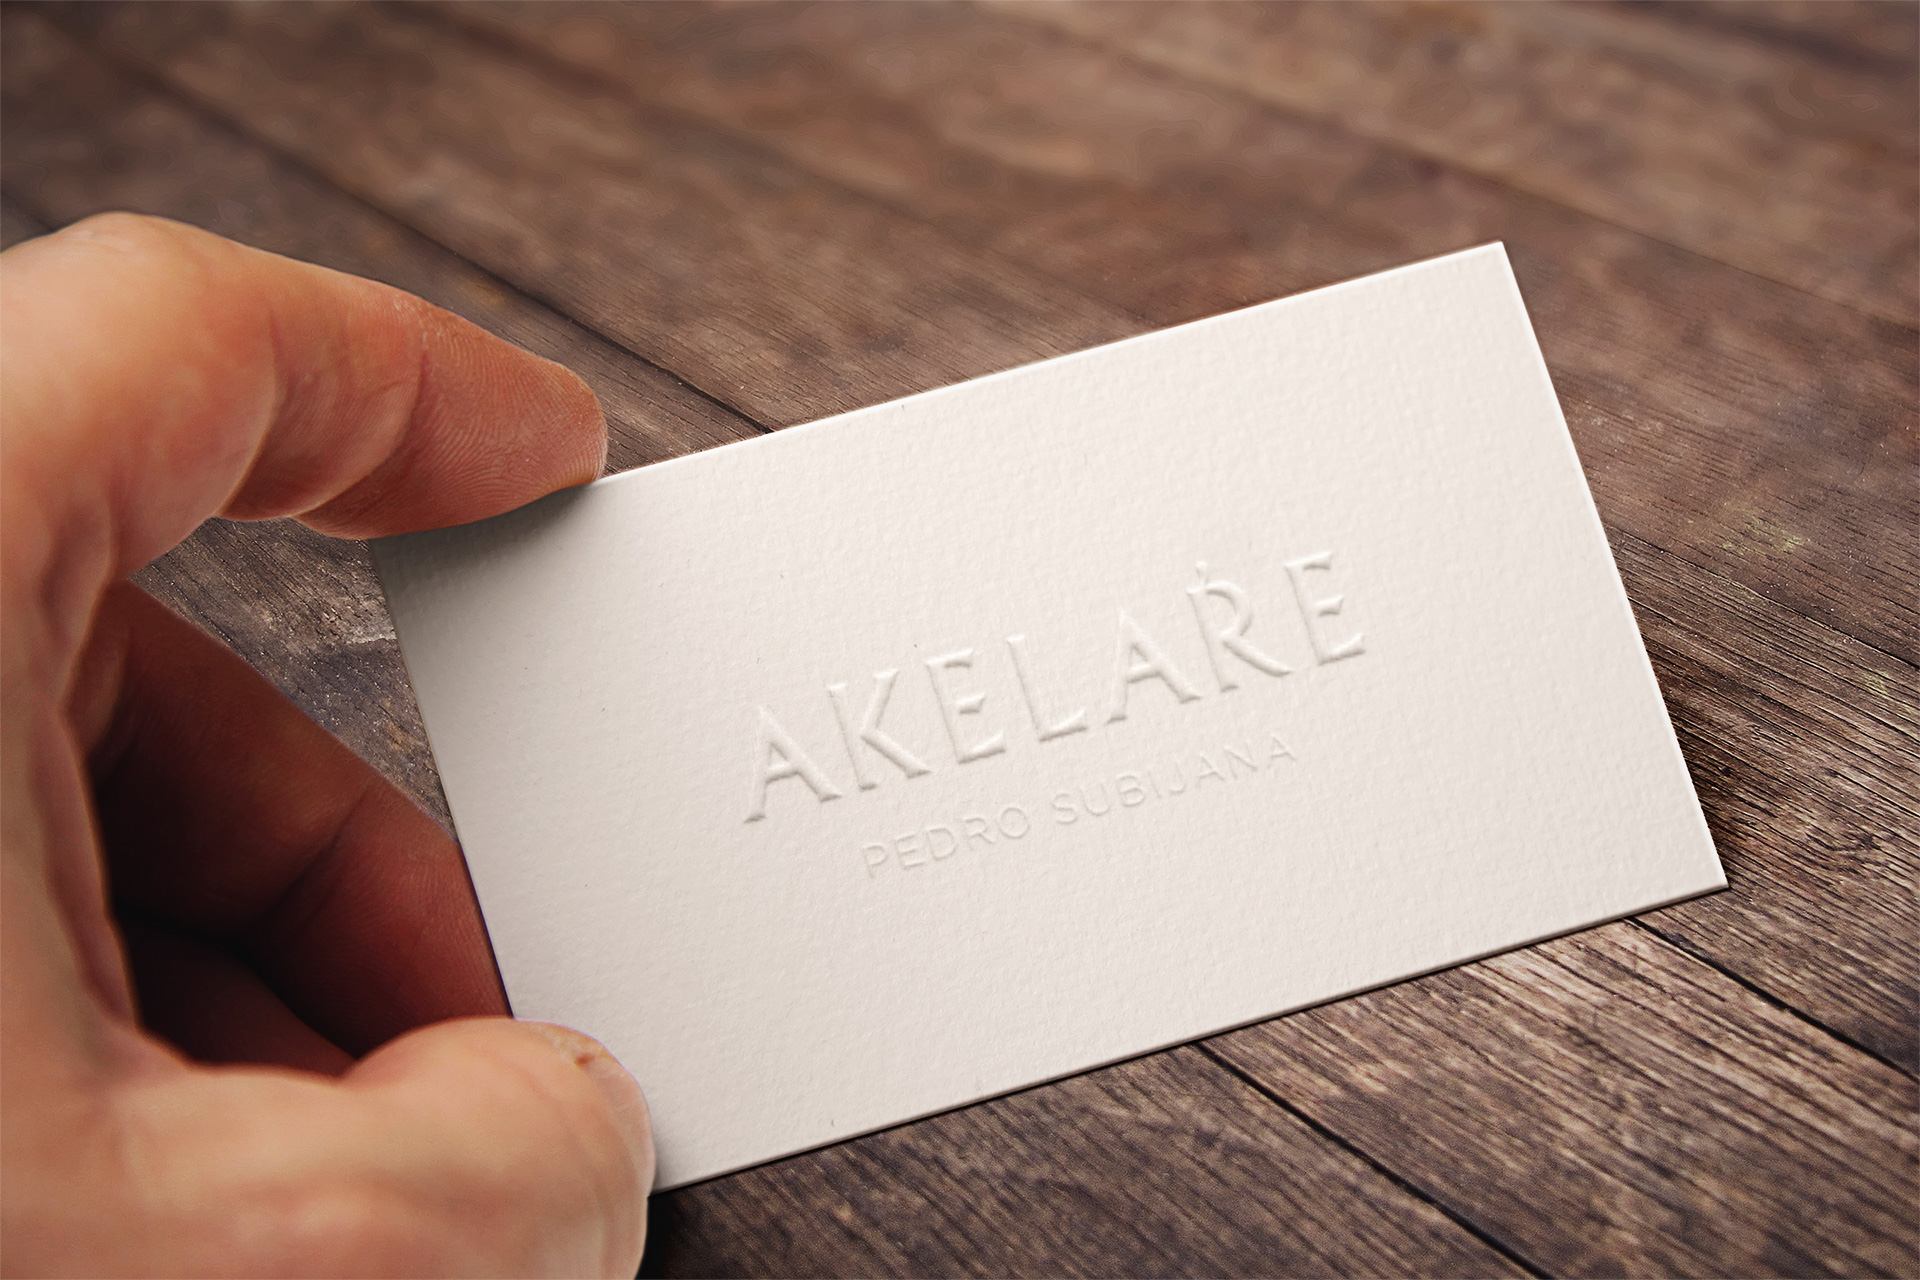 Tarjeta visita Akelarre